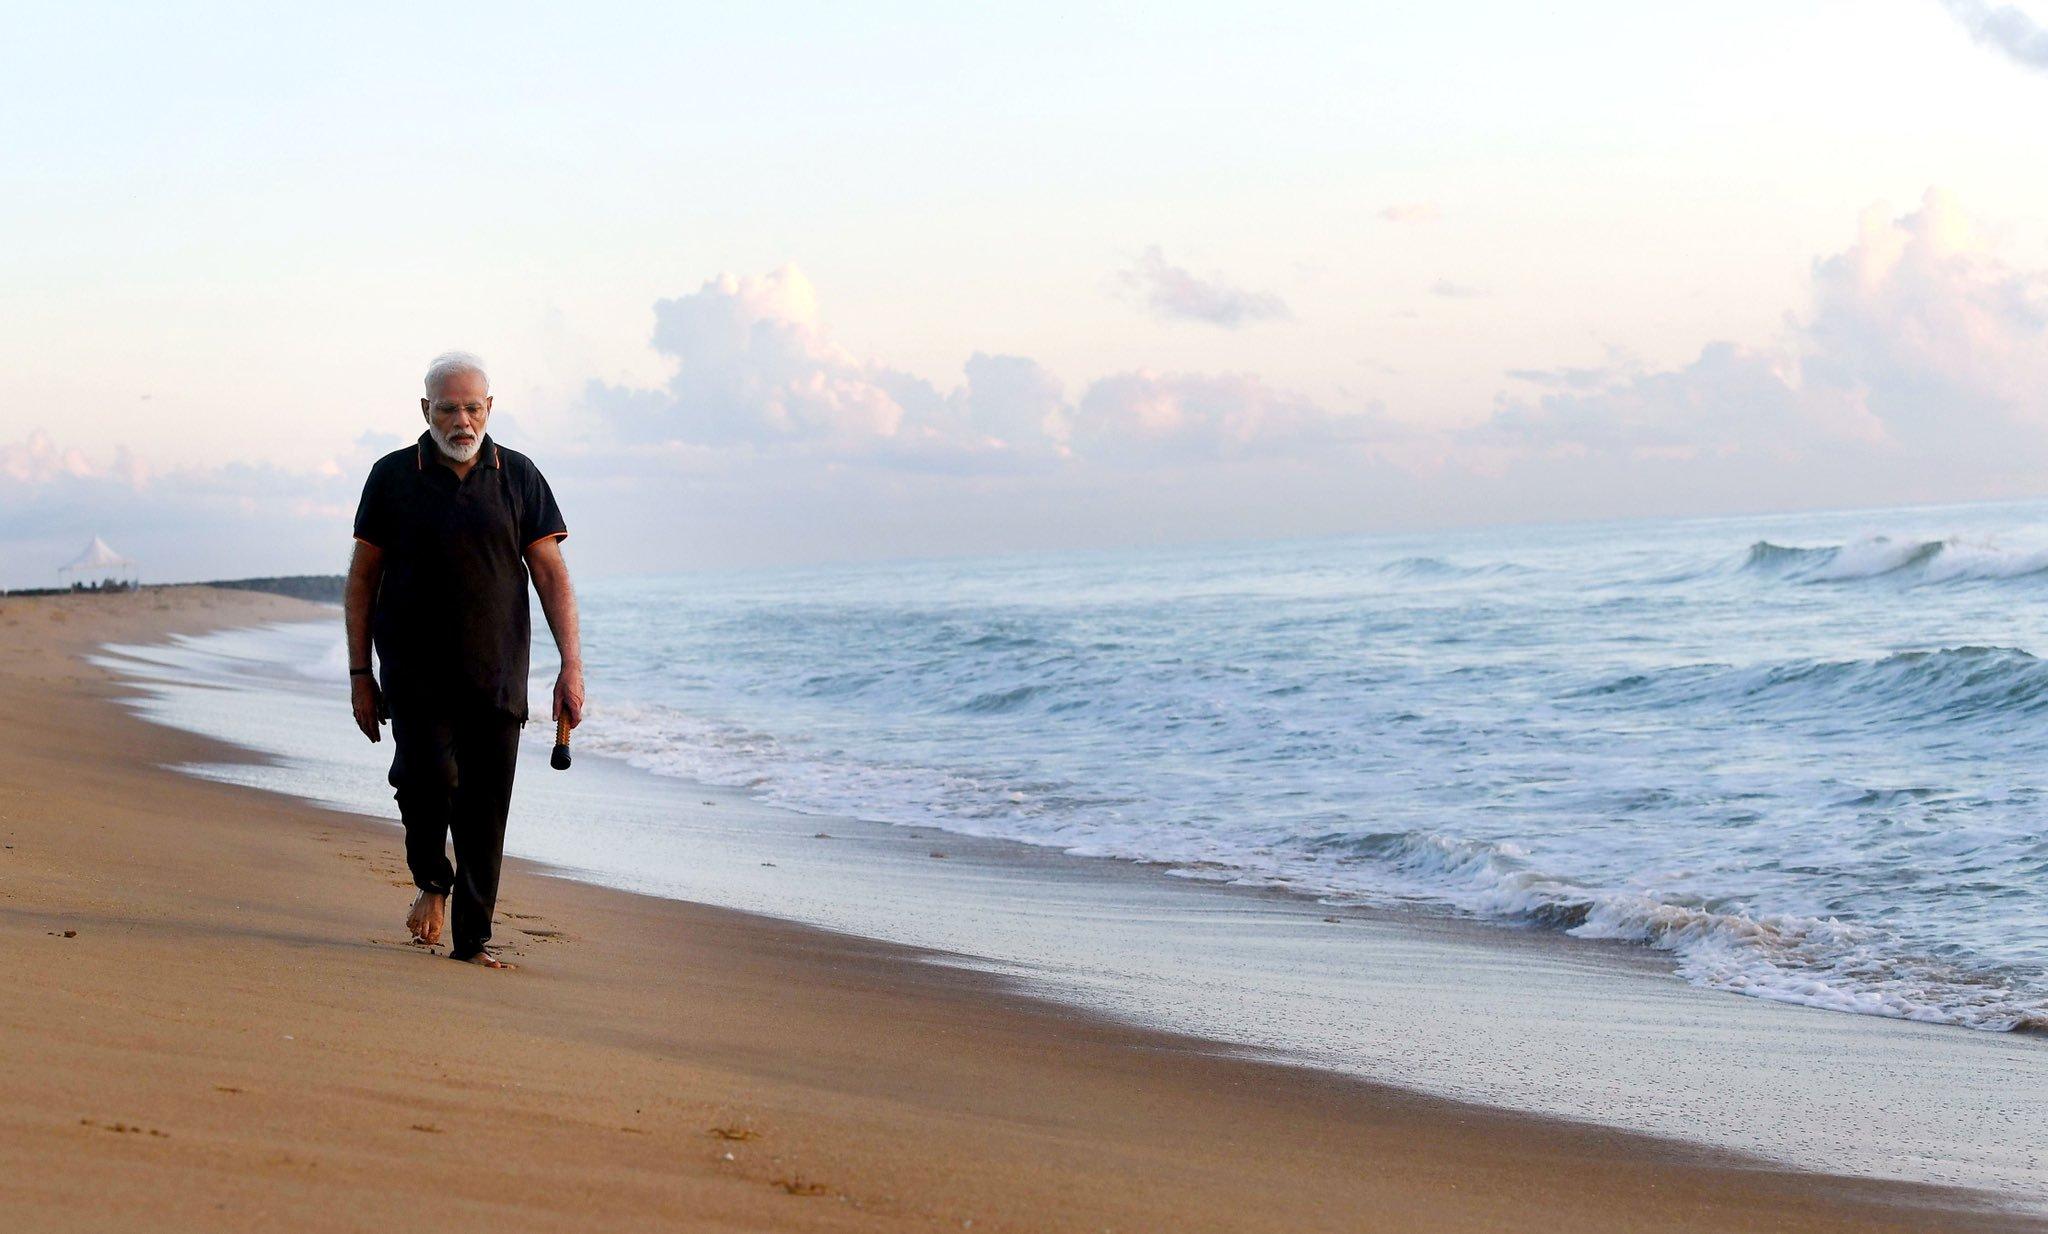 மாமல்லபுரத்தில் மோடி எழுதிய கவிதை- தமிழில் வெளியீடு..!